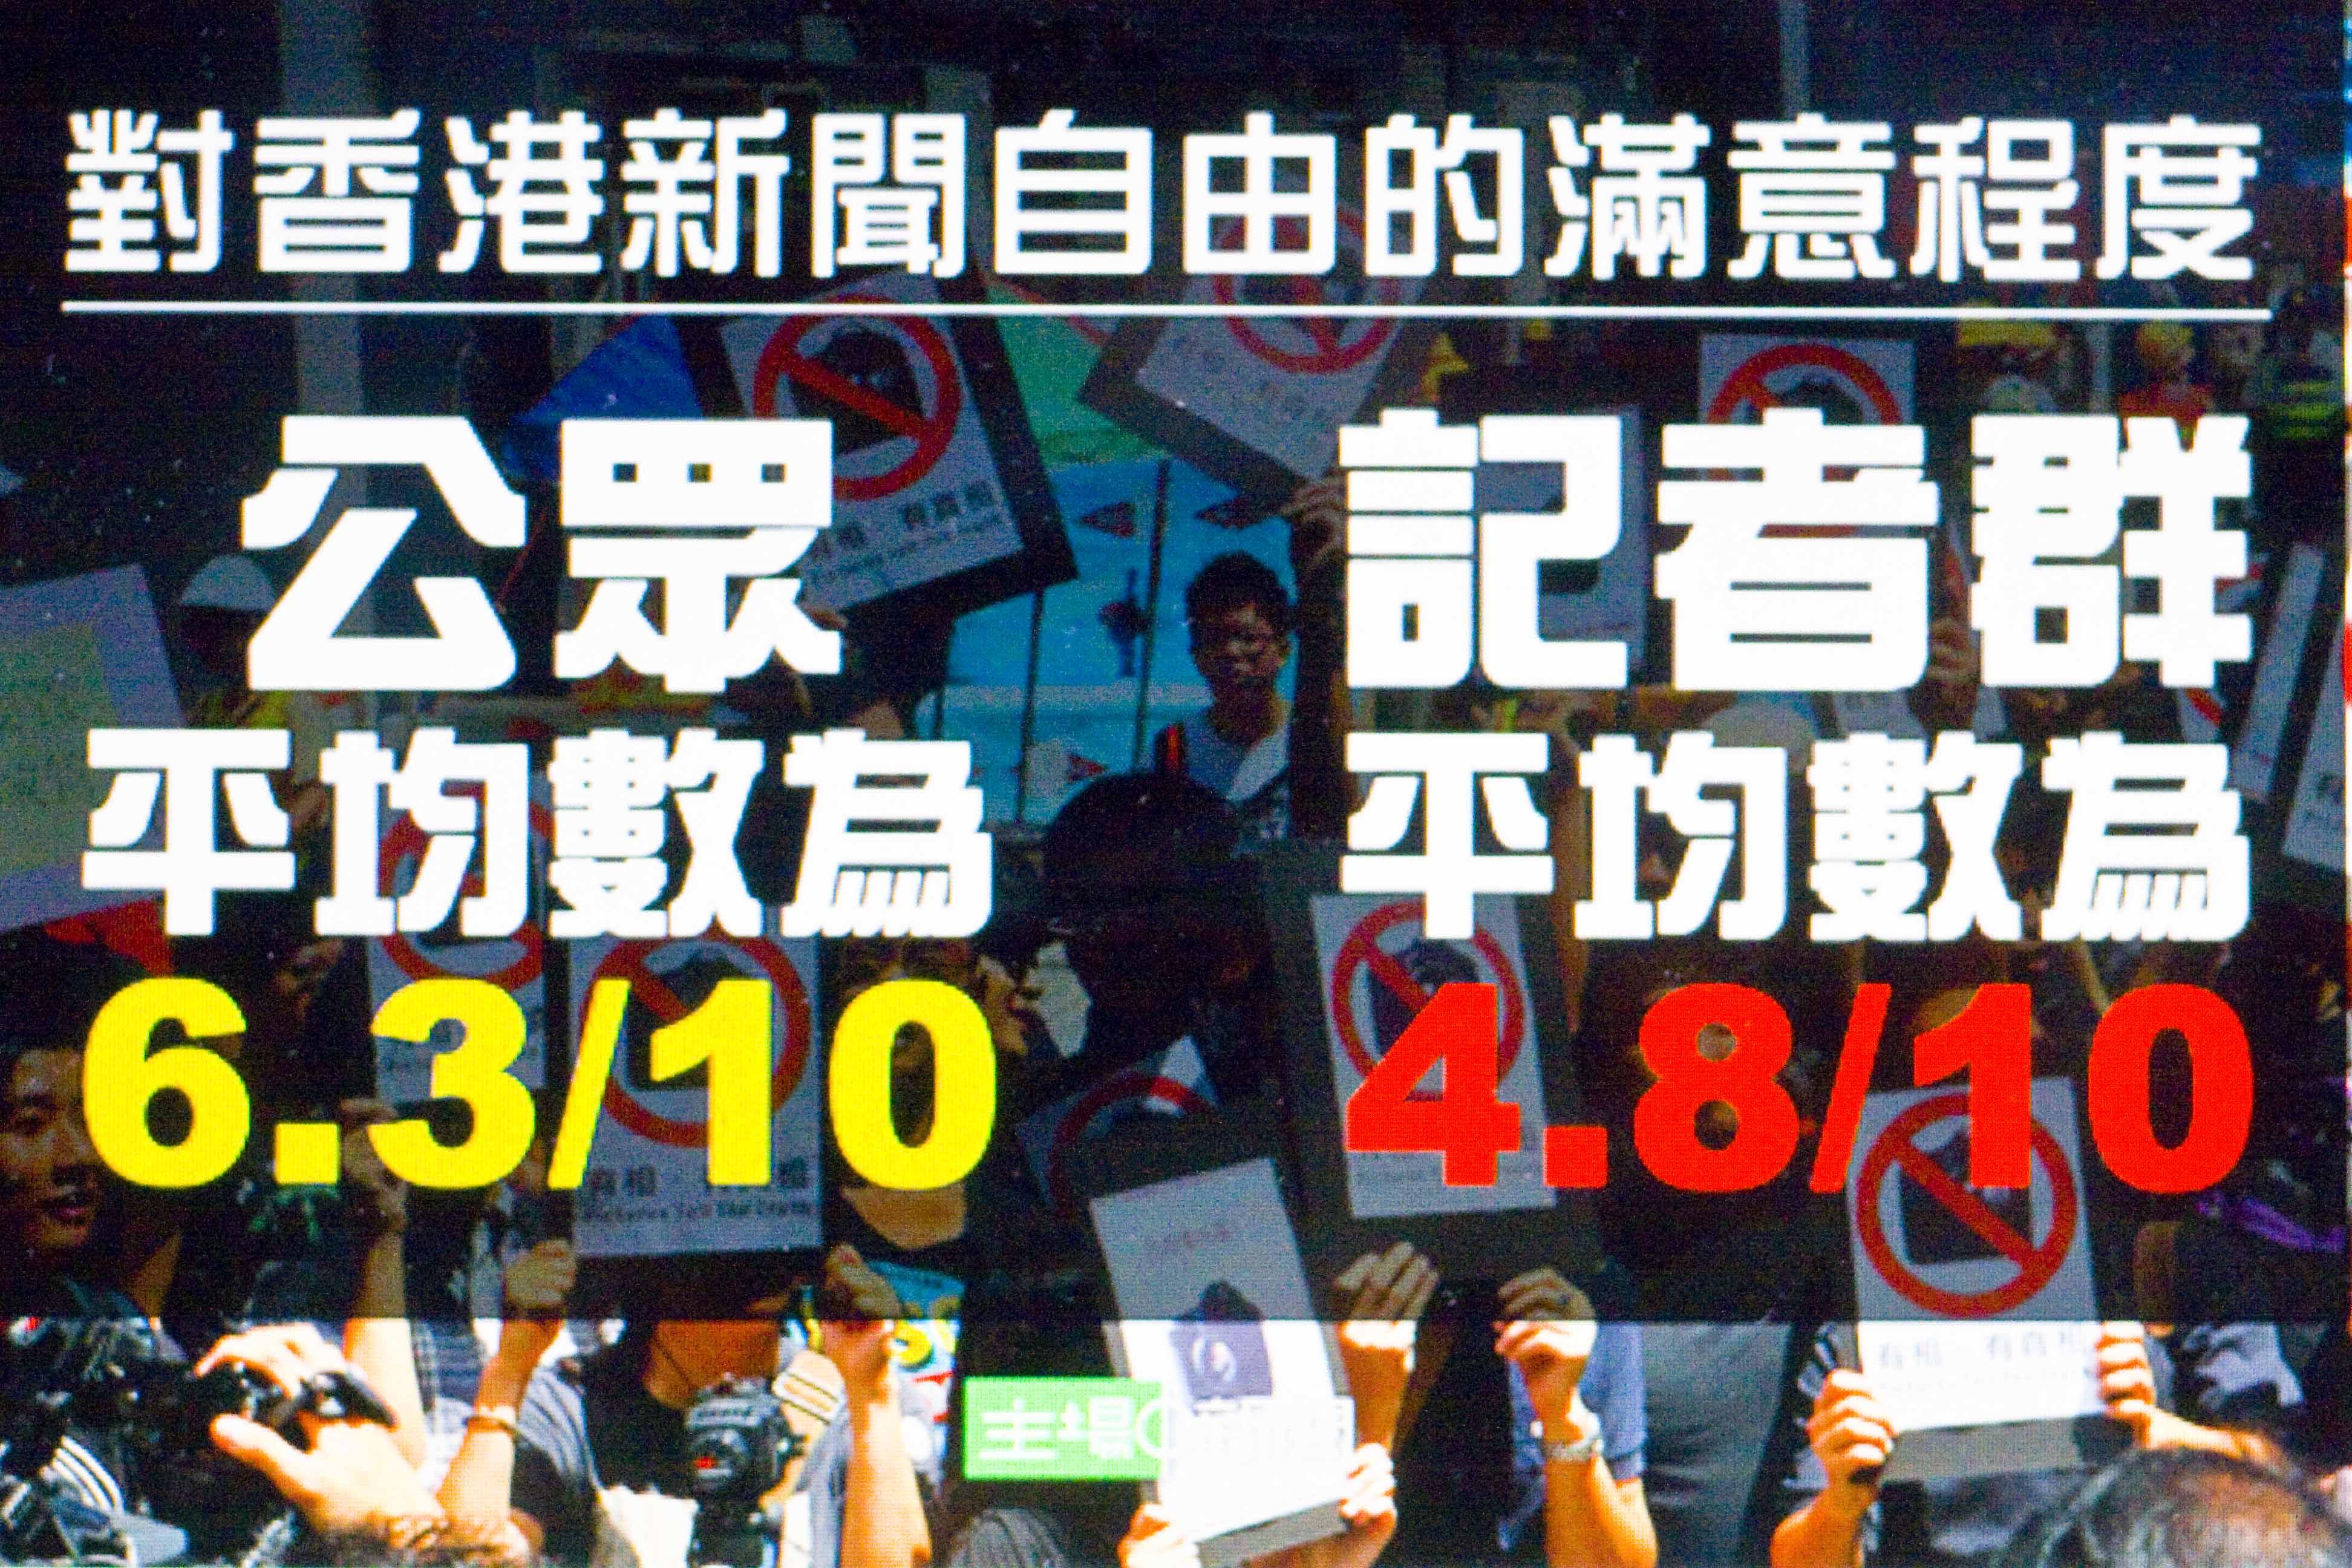 香港記協:媒體自我審查嚴重程度近7成